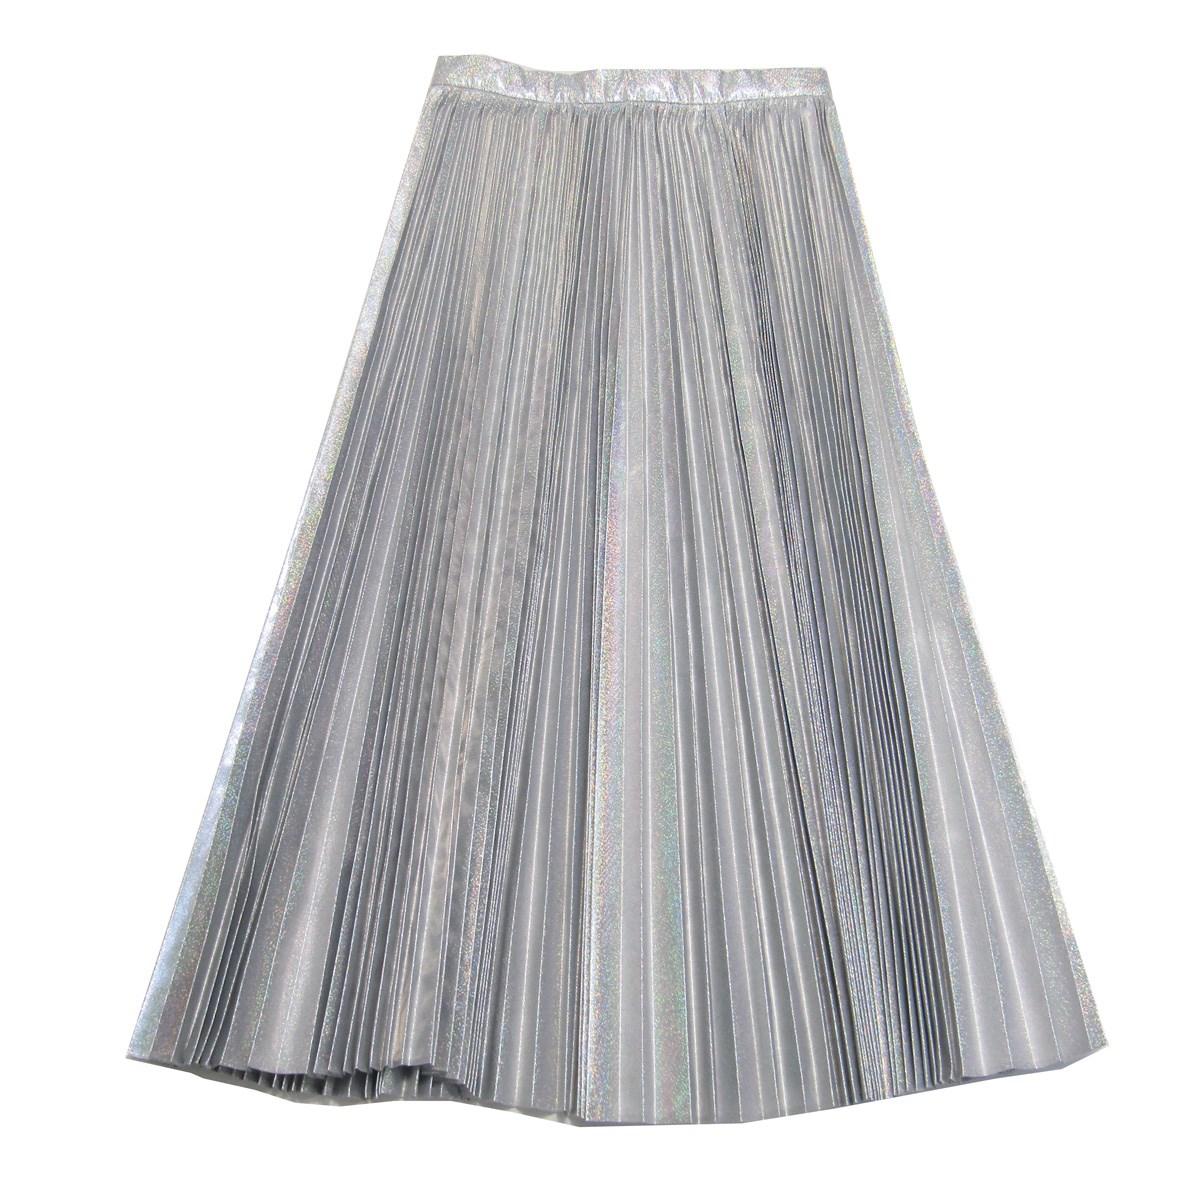 【中古】IRENE 2019AW Hologram Pleated Skirt シルバープリーツスカート シルバー サイズ:36 【200420】(アイレネ)